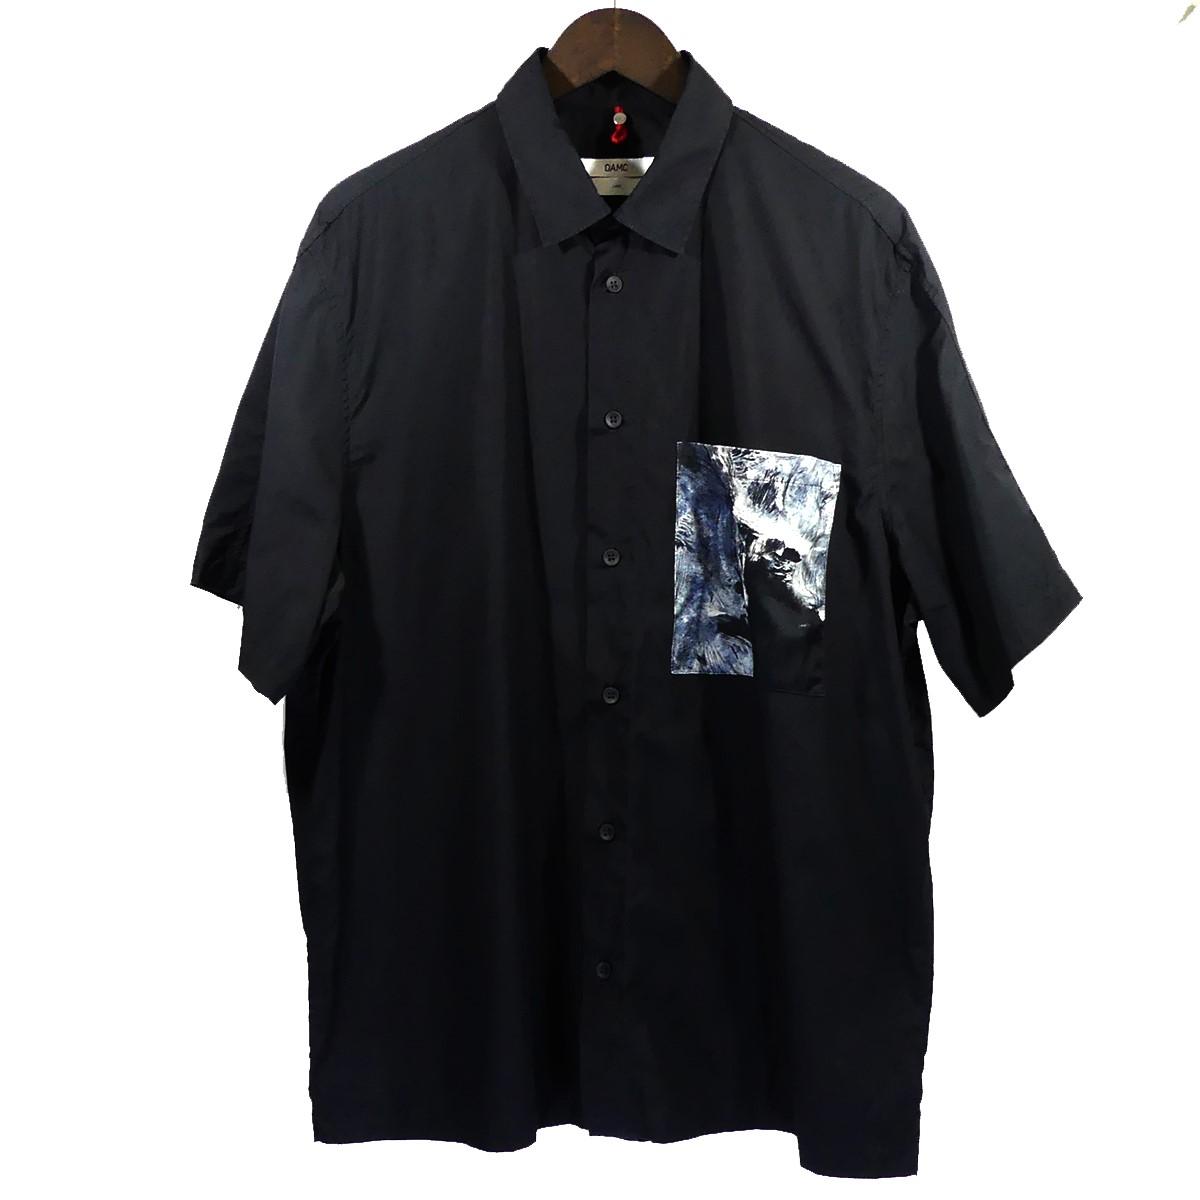 【中古】OAMC (OVER ALL MASTER CLOTH) 18SS デザインポケットハーフスリーブシャツ ブラック サイズ:L 【210420】(オーエーエムシー)